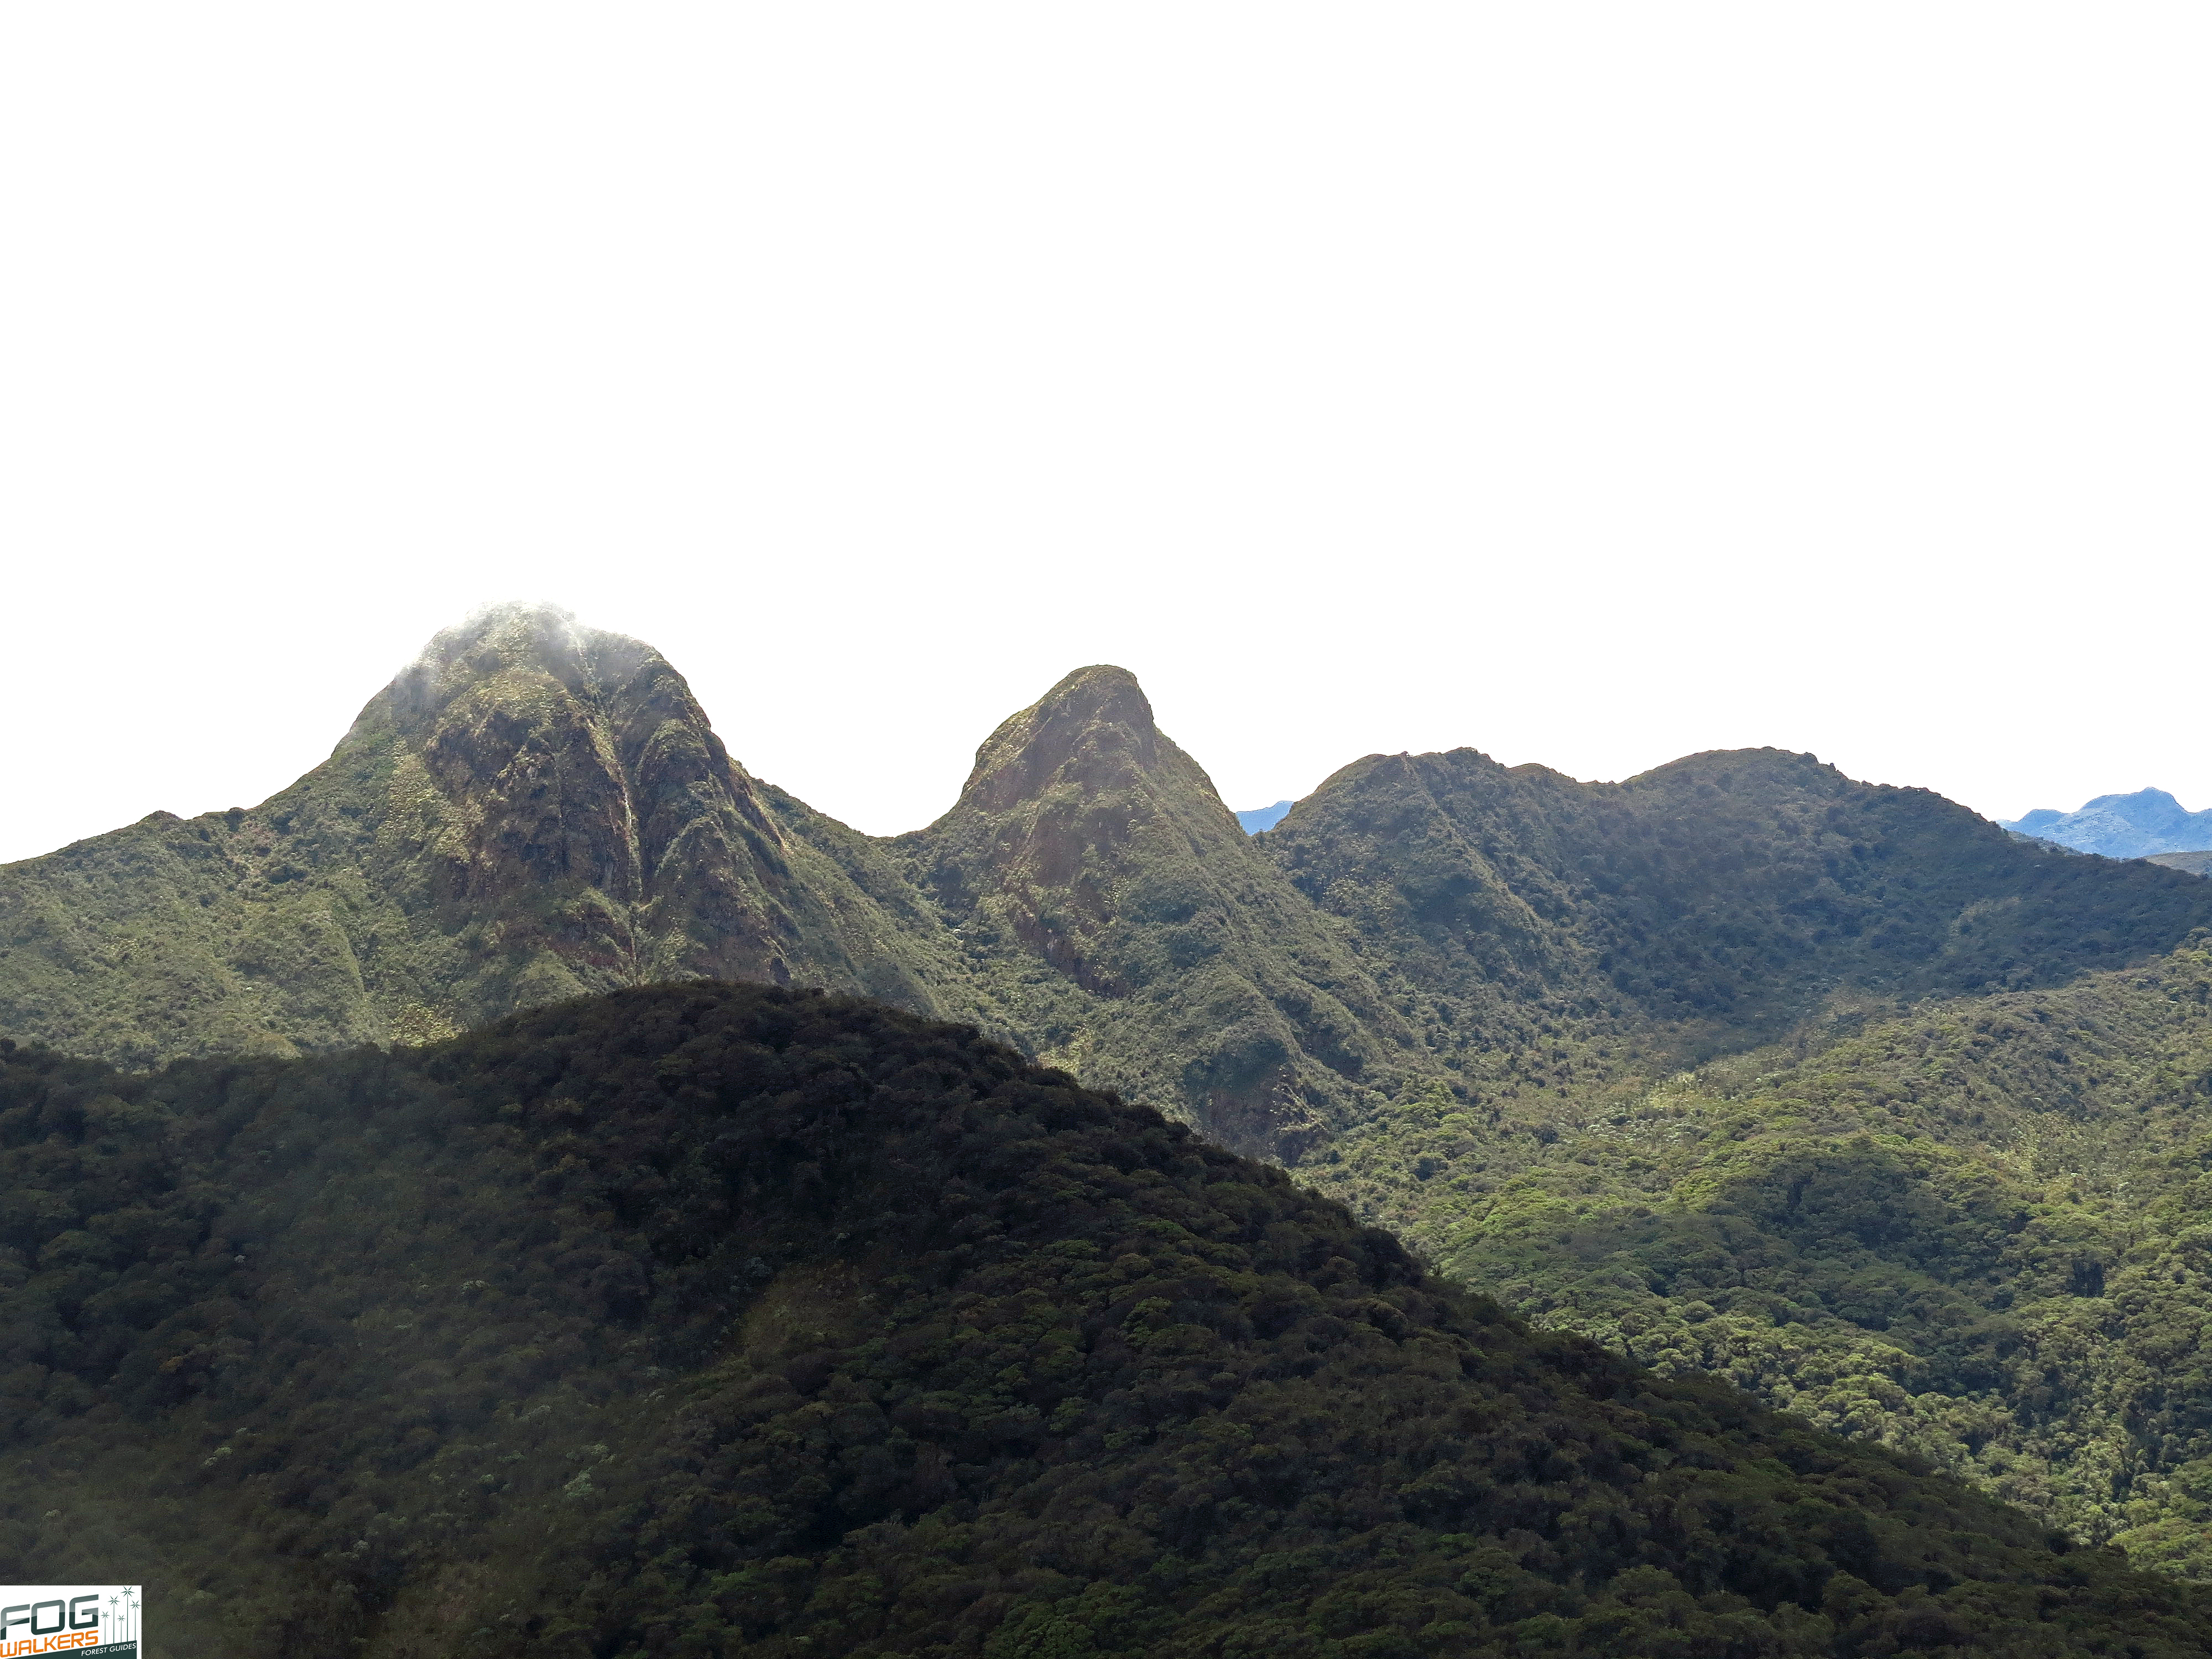 Andes Centrales Salento